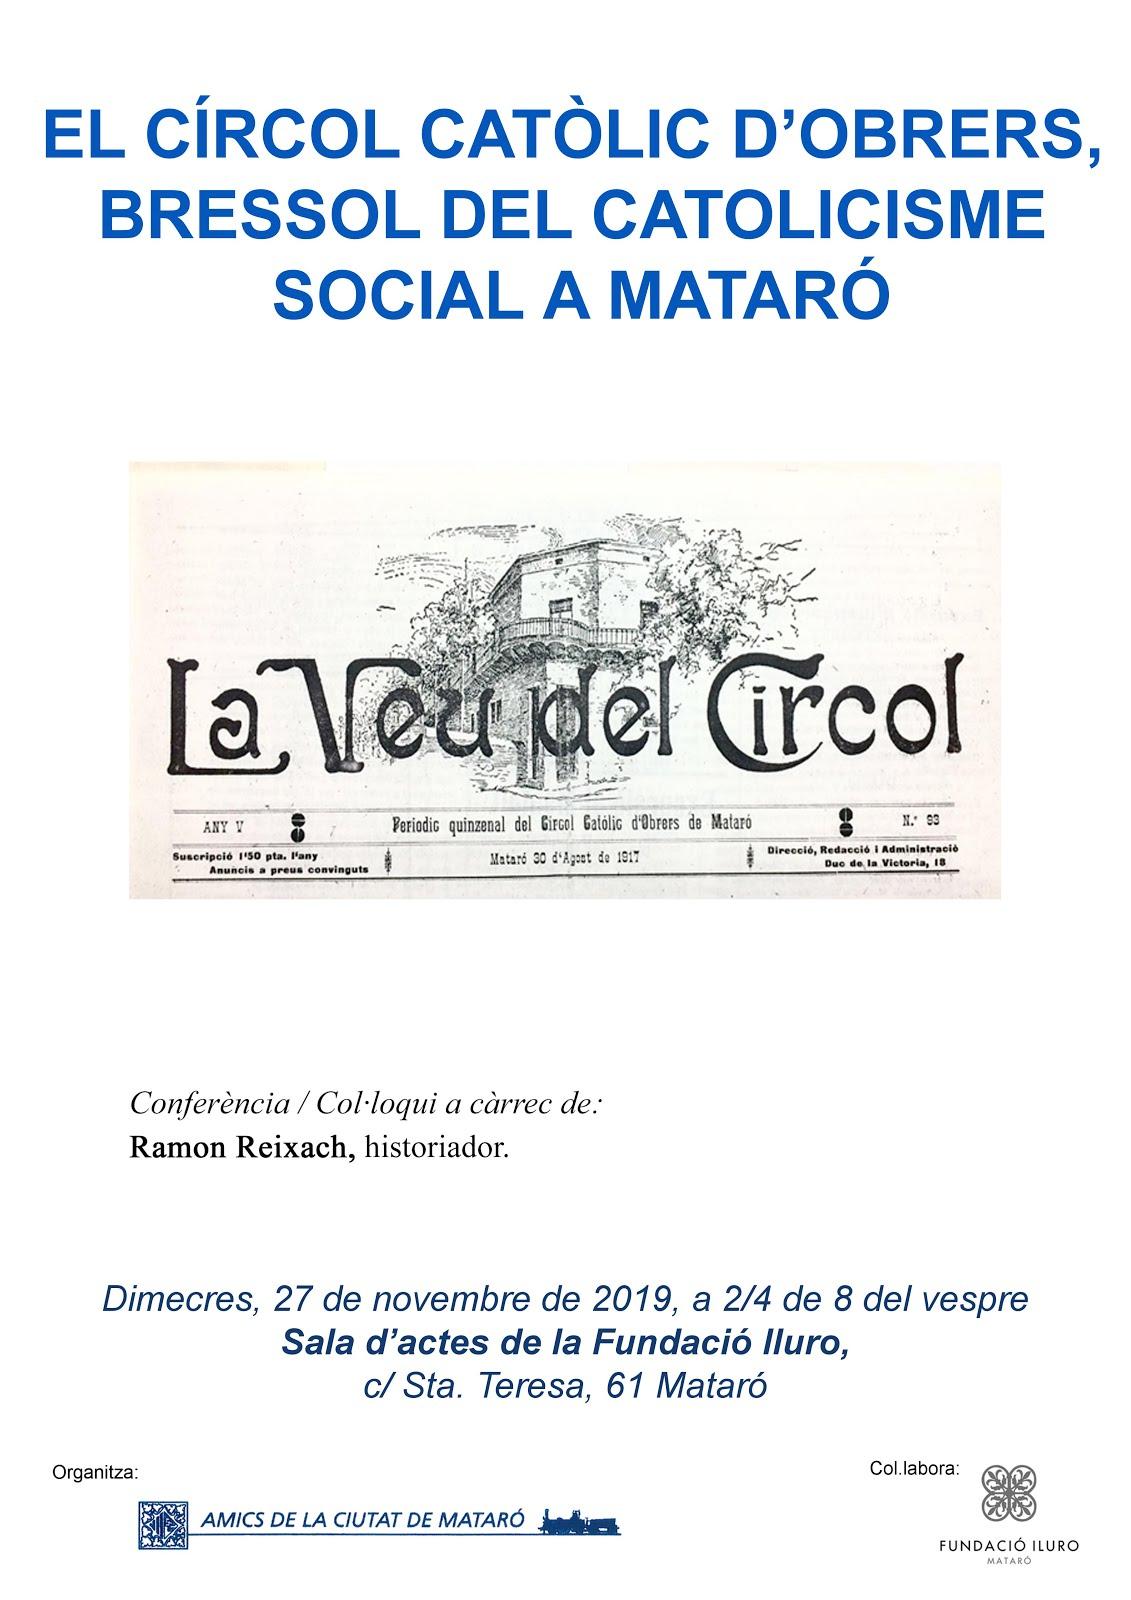 Conferencia el 27 de novembre